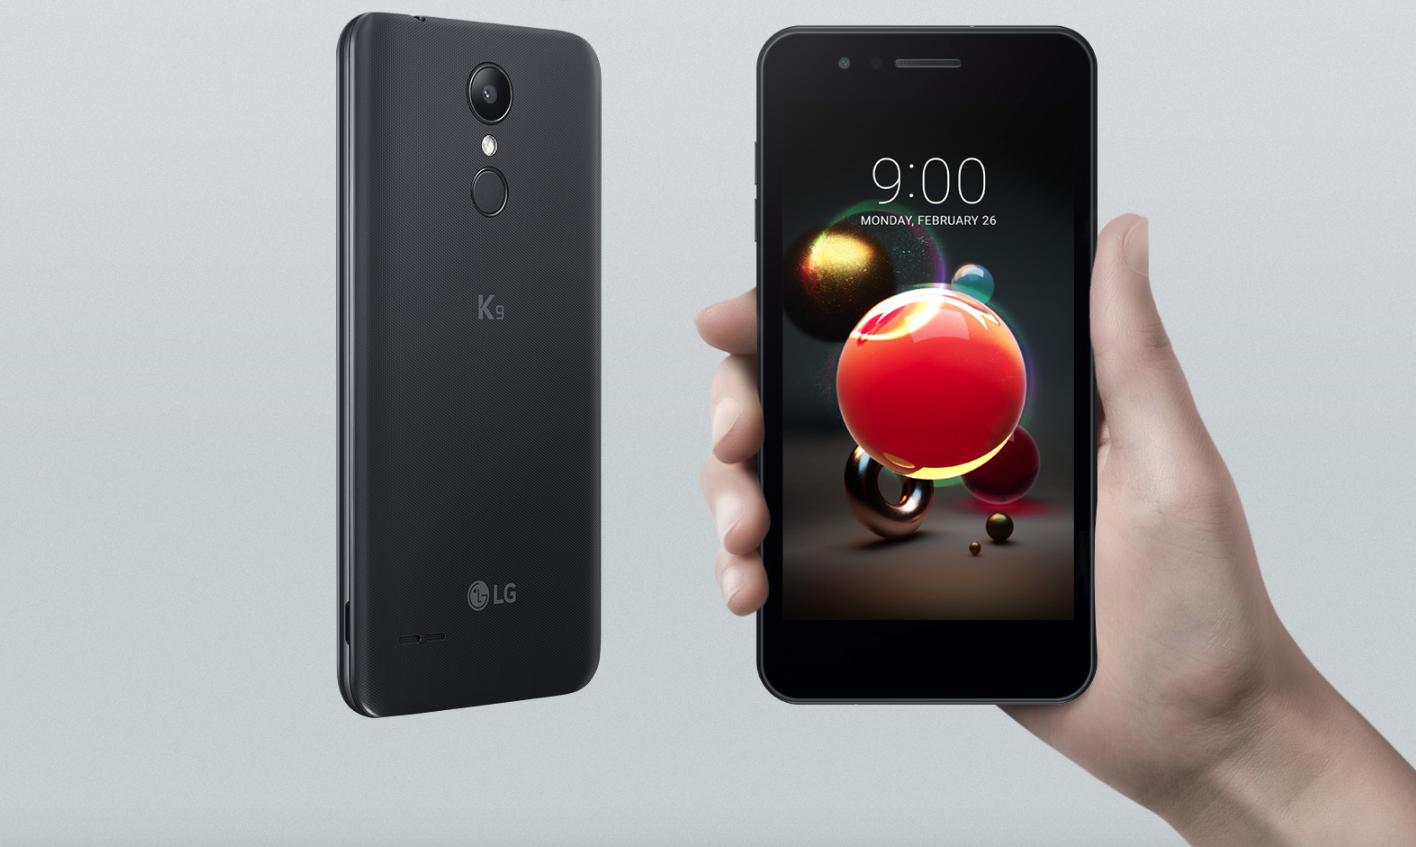 LG K9. Diseño compacto y agarre perfecto.